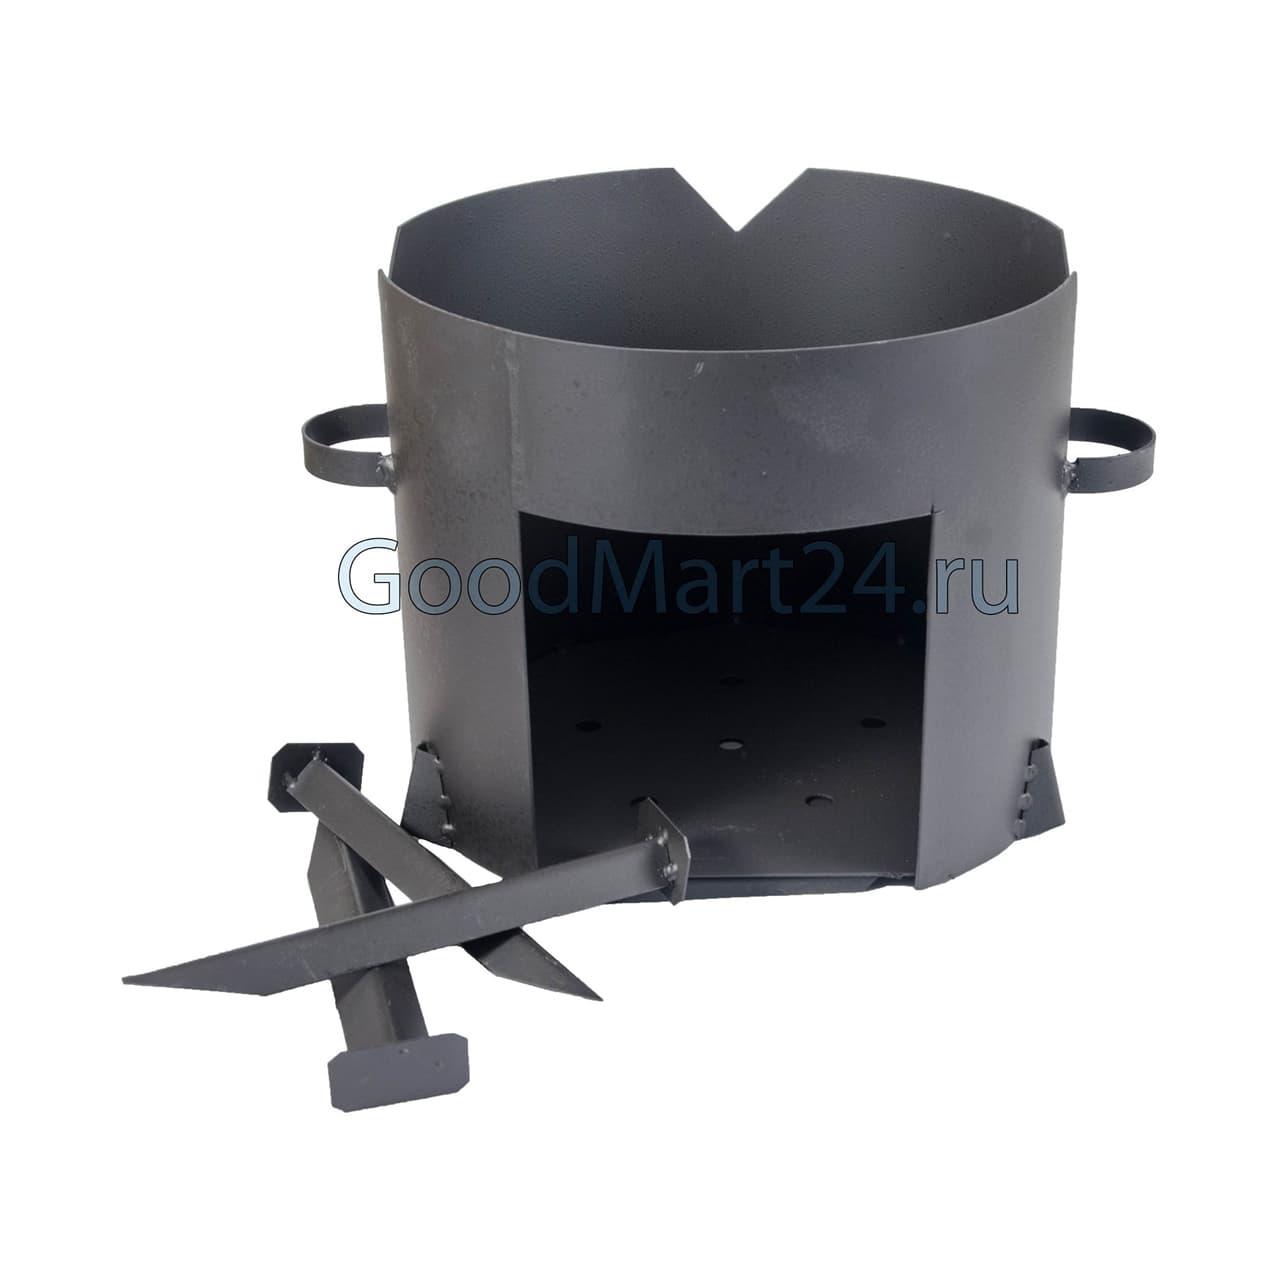 Чугунный казан 12 л. Балезинский ЛМЗ + Печь d-360 мм сталь 2 мм. - фото 4845